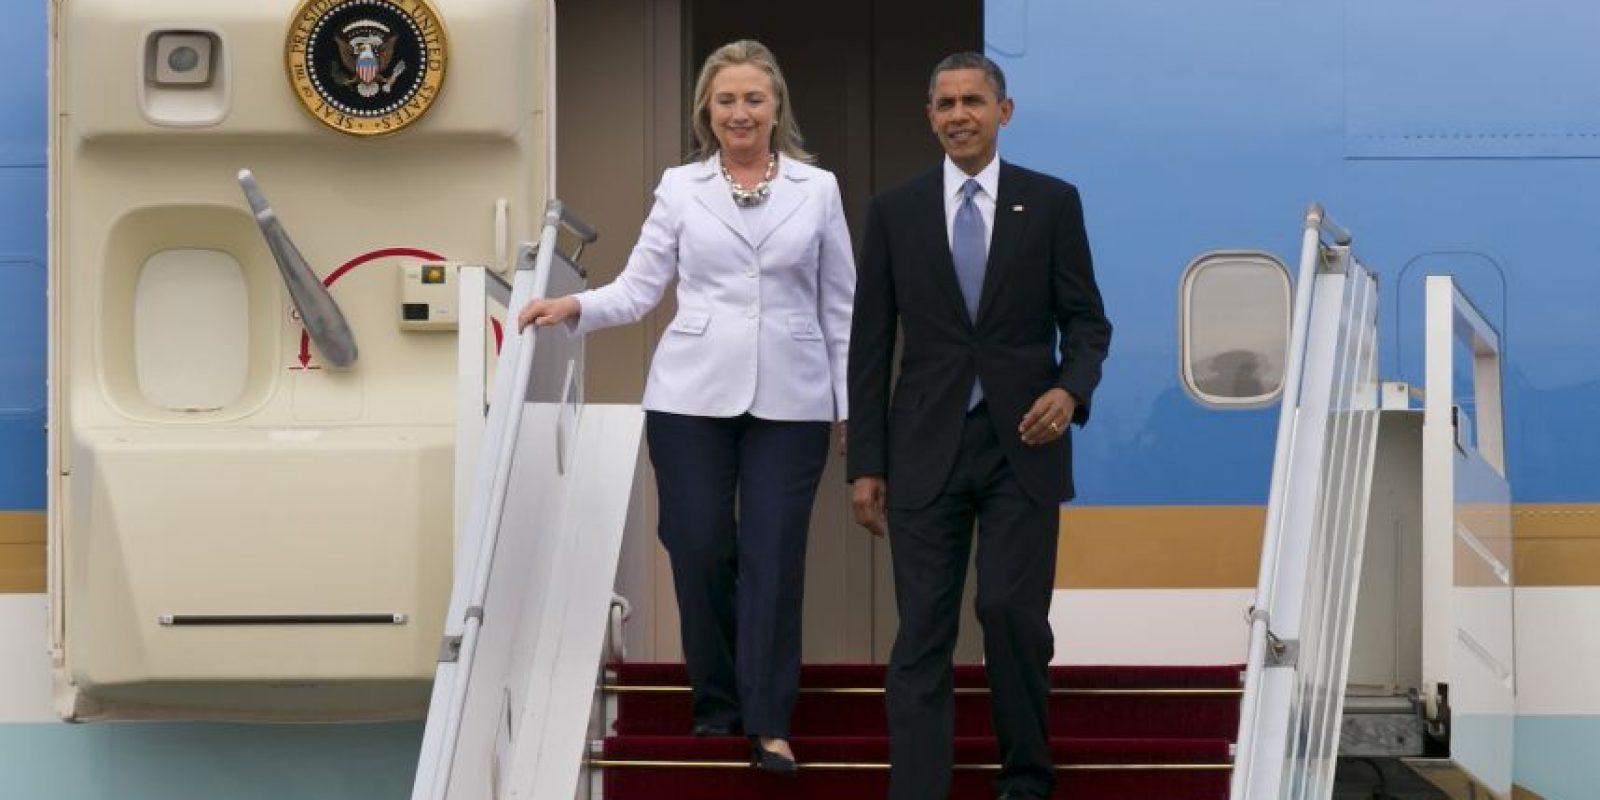 Fue designada como jefa de la diplomacia por el presidente Barack Obama Foto:Getty Images